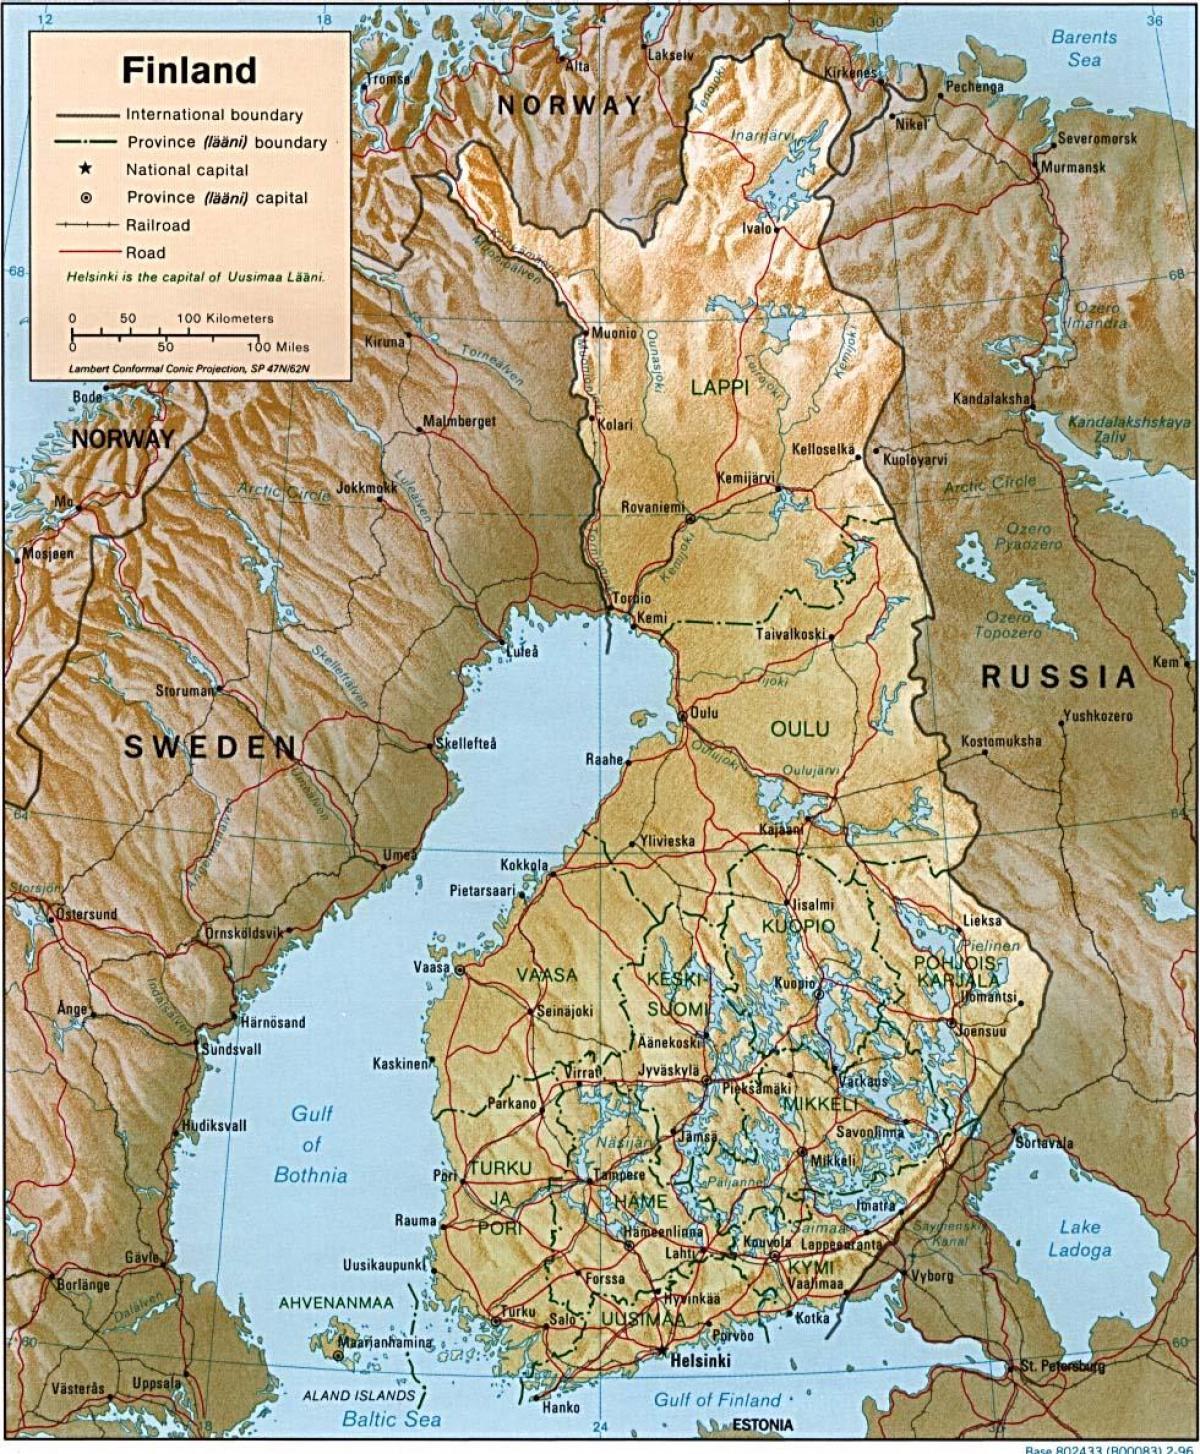 Finland Topografisk Karta Karta Over Finland Topografiska Norra